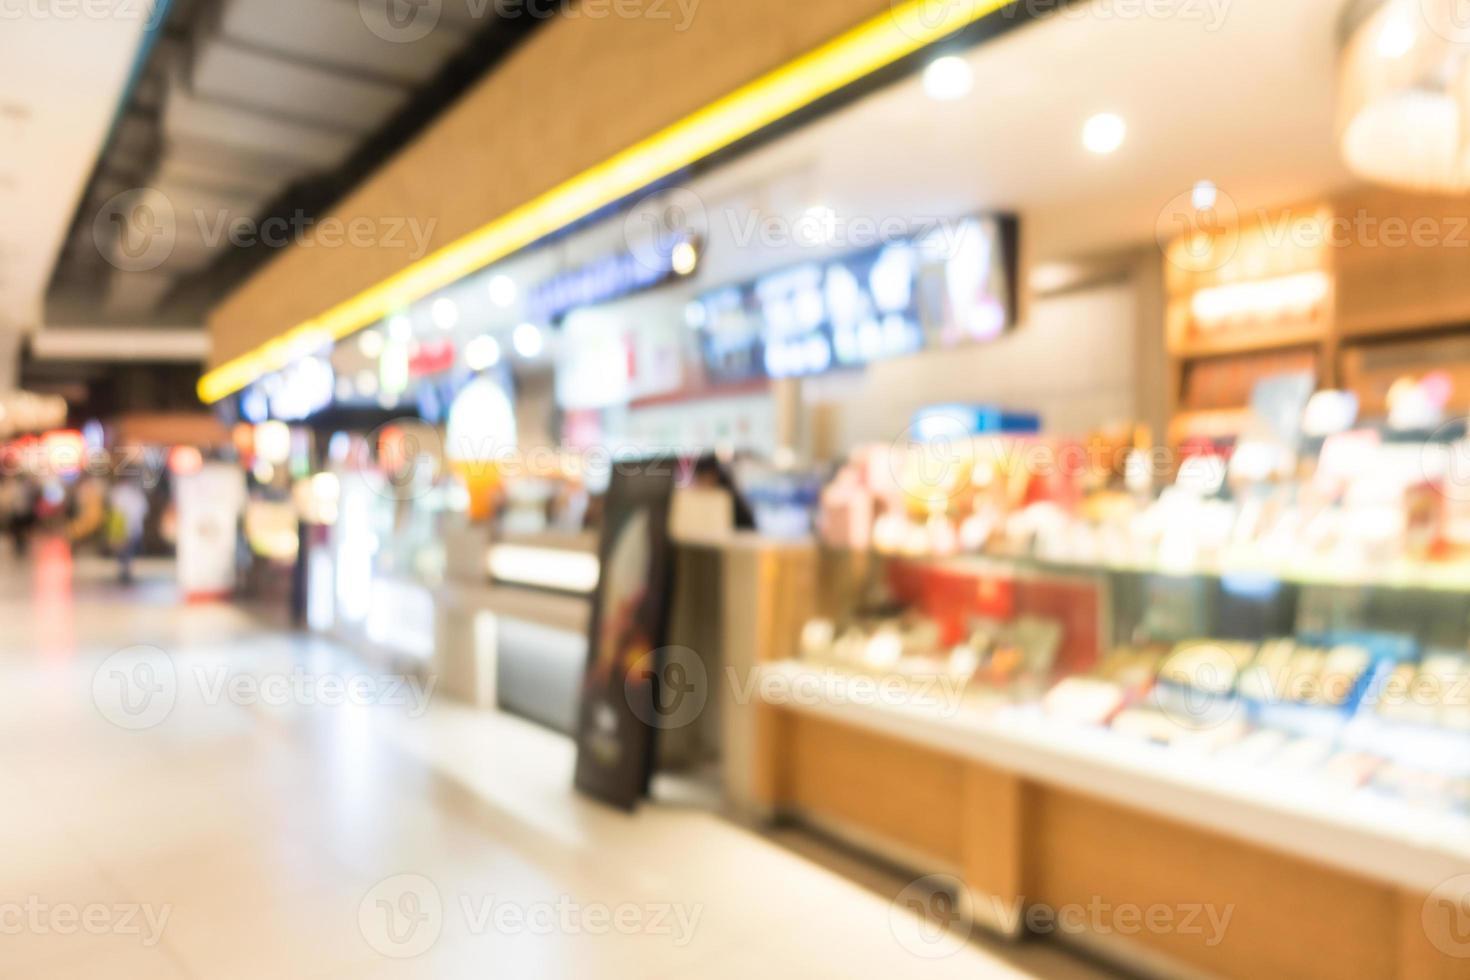 abstrakt oskärpa vackra lyxiga köpcentrum och butiker foto